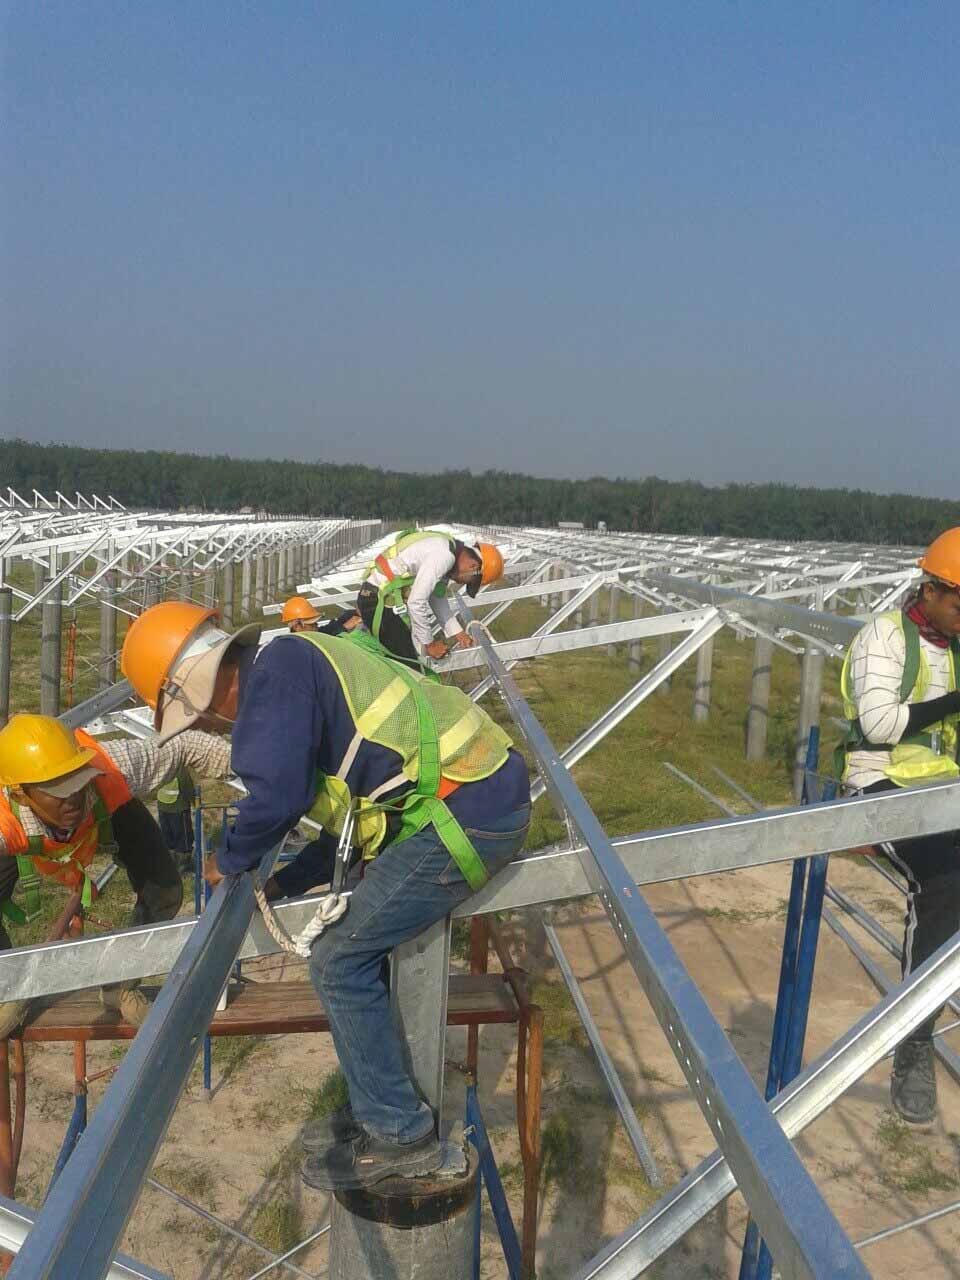 Đơn vị EPC Vũ Phong Solar đang thi công lắp đặt khung pin năng lượng mặt trời tại công trình điện mặt trời Dầu Tiếng-Tây Ninh